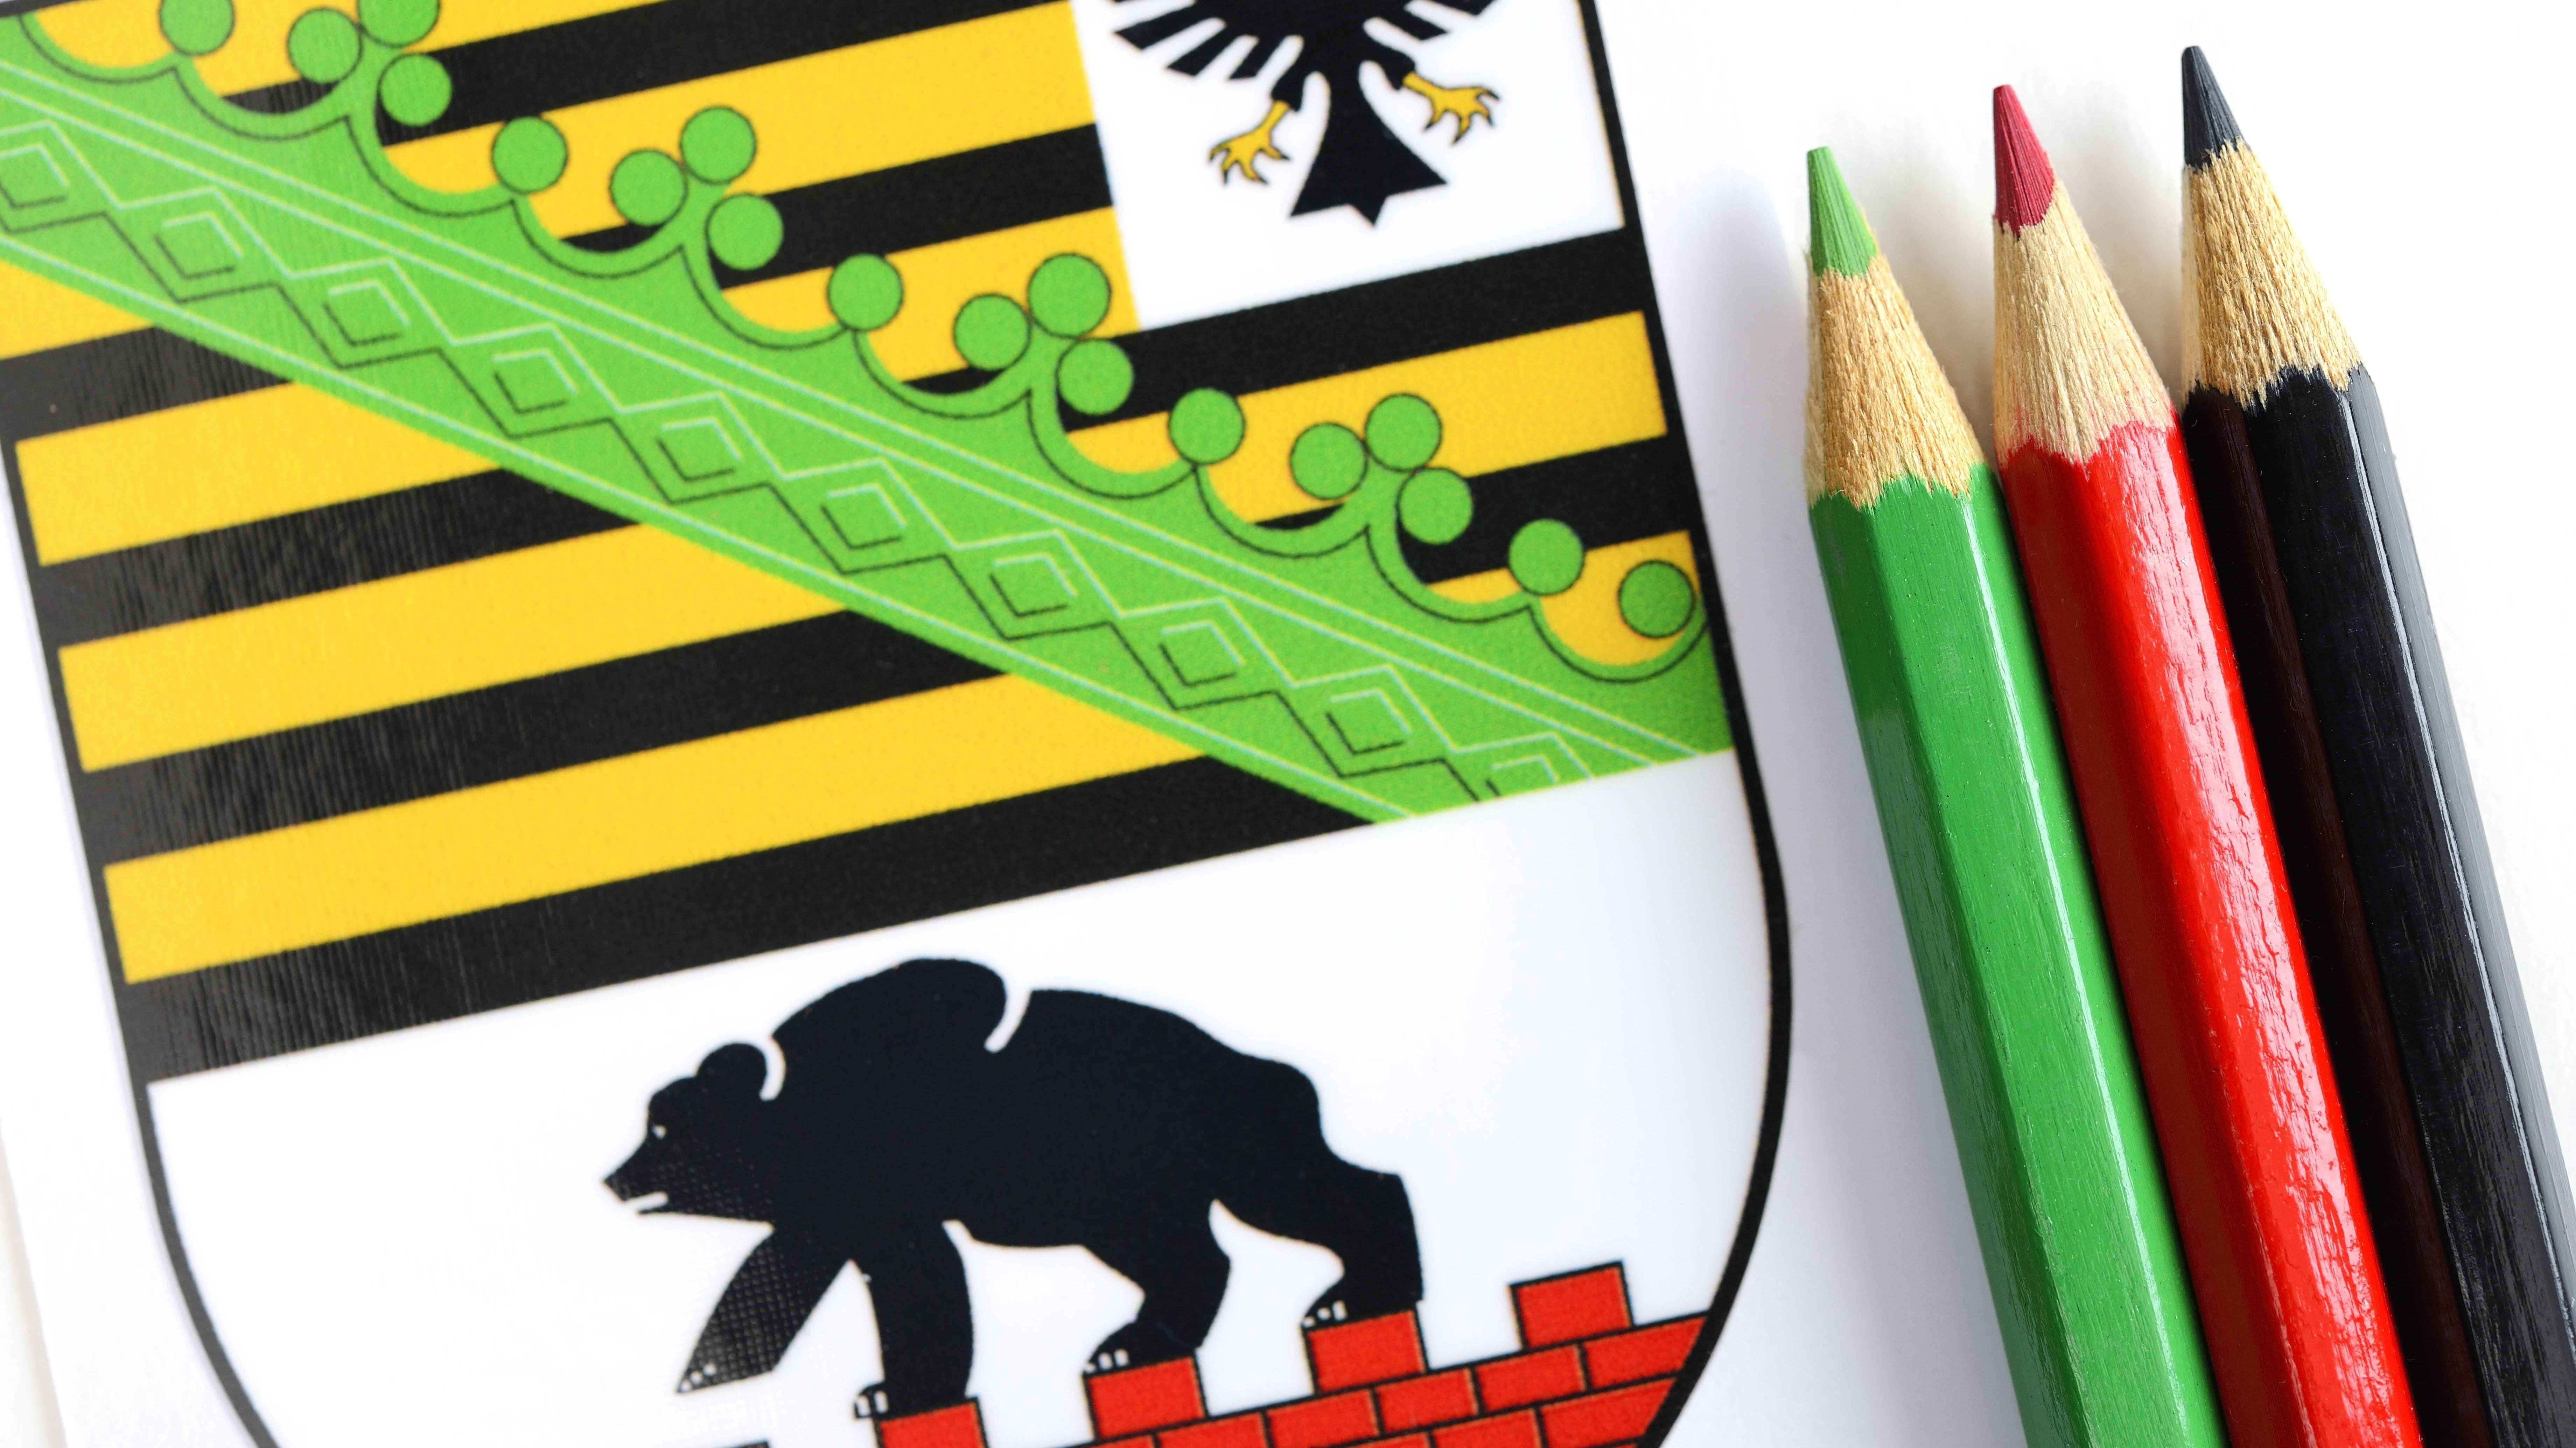 Wappen von Sachsen-Anhalt mit Farbstiften, Symbolfoto Kenia-Koalition